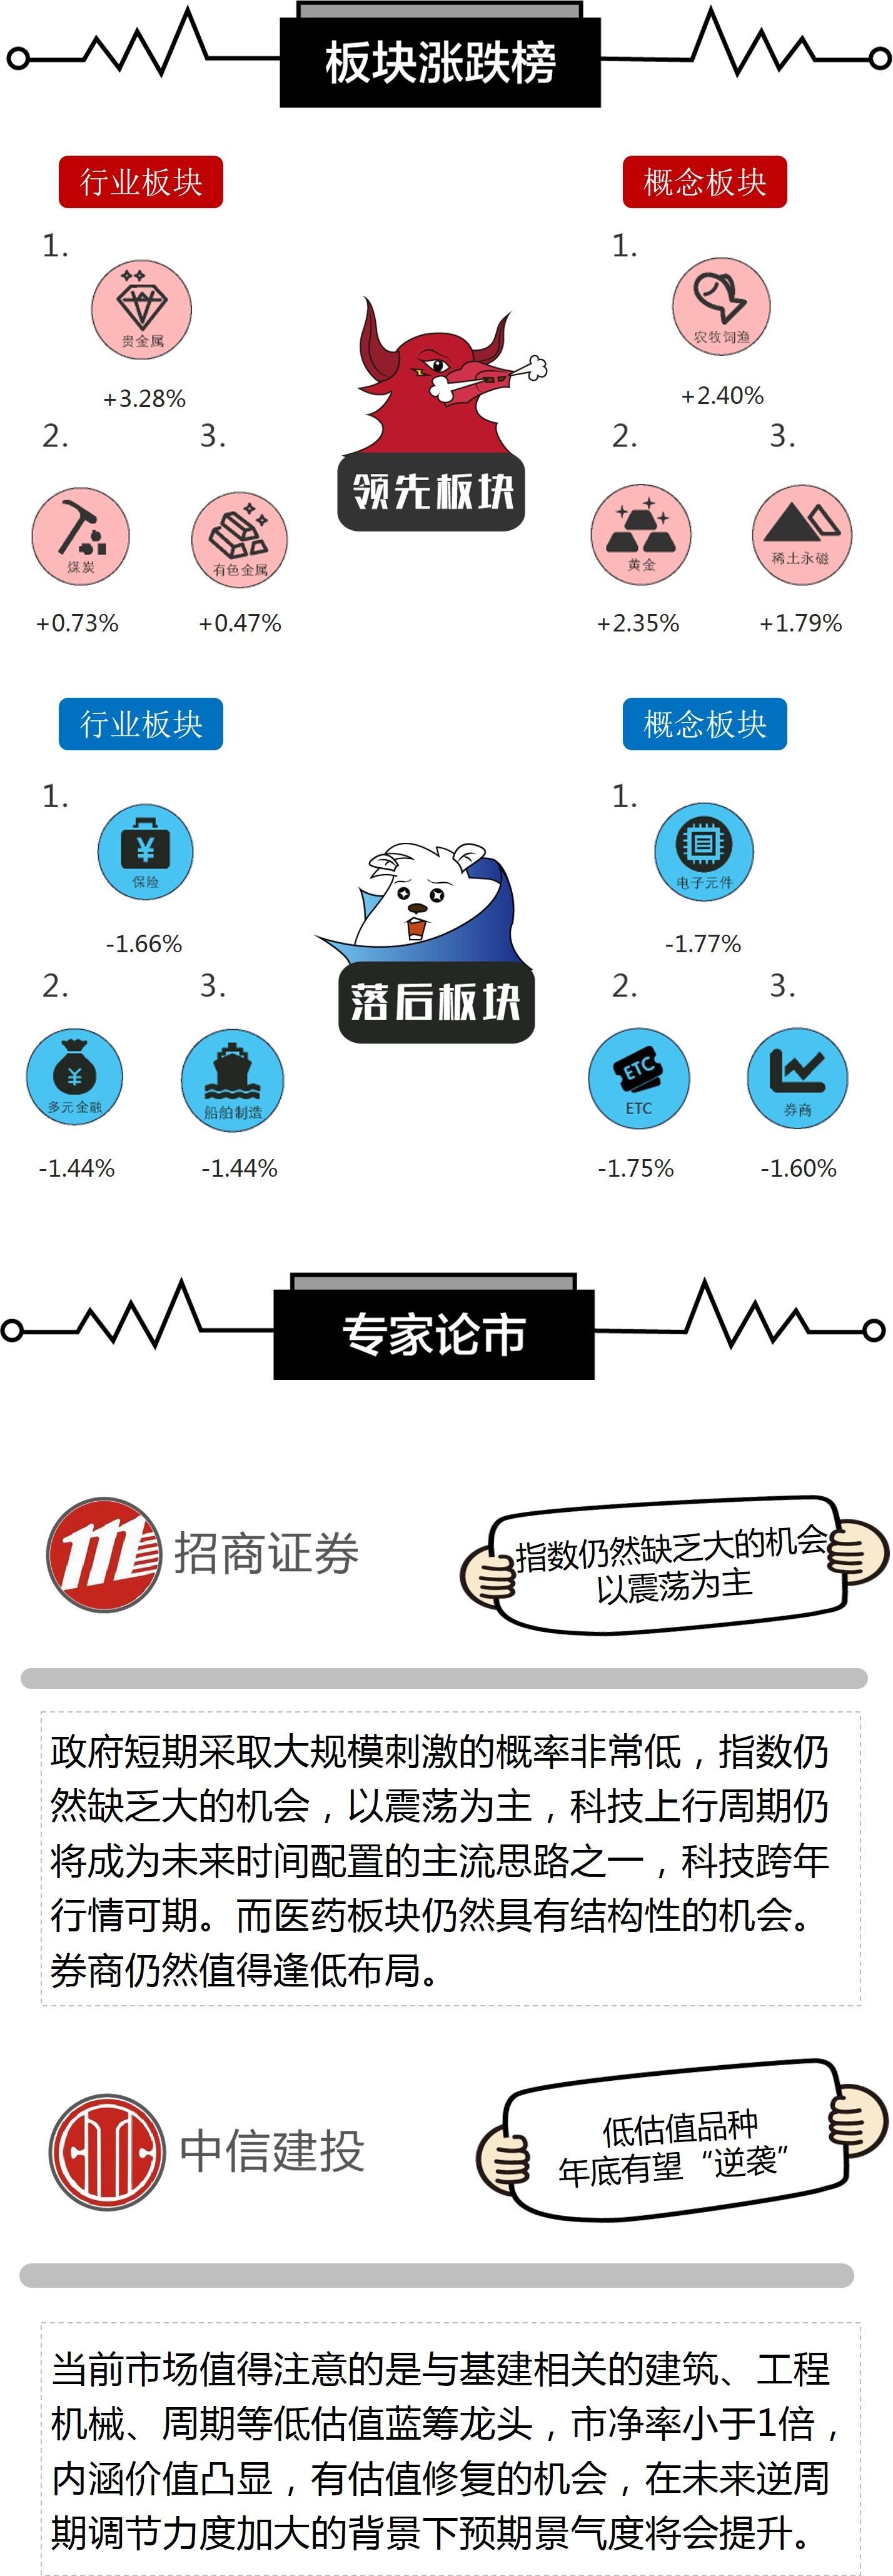 """大圣平台是骗局吗 二手平台购买摩托车要微信转账?重庆男子被""""空头""""卖家诈骗"""